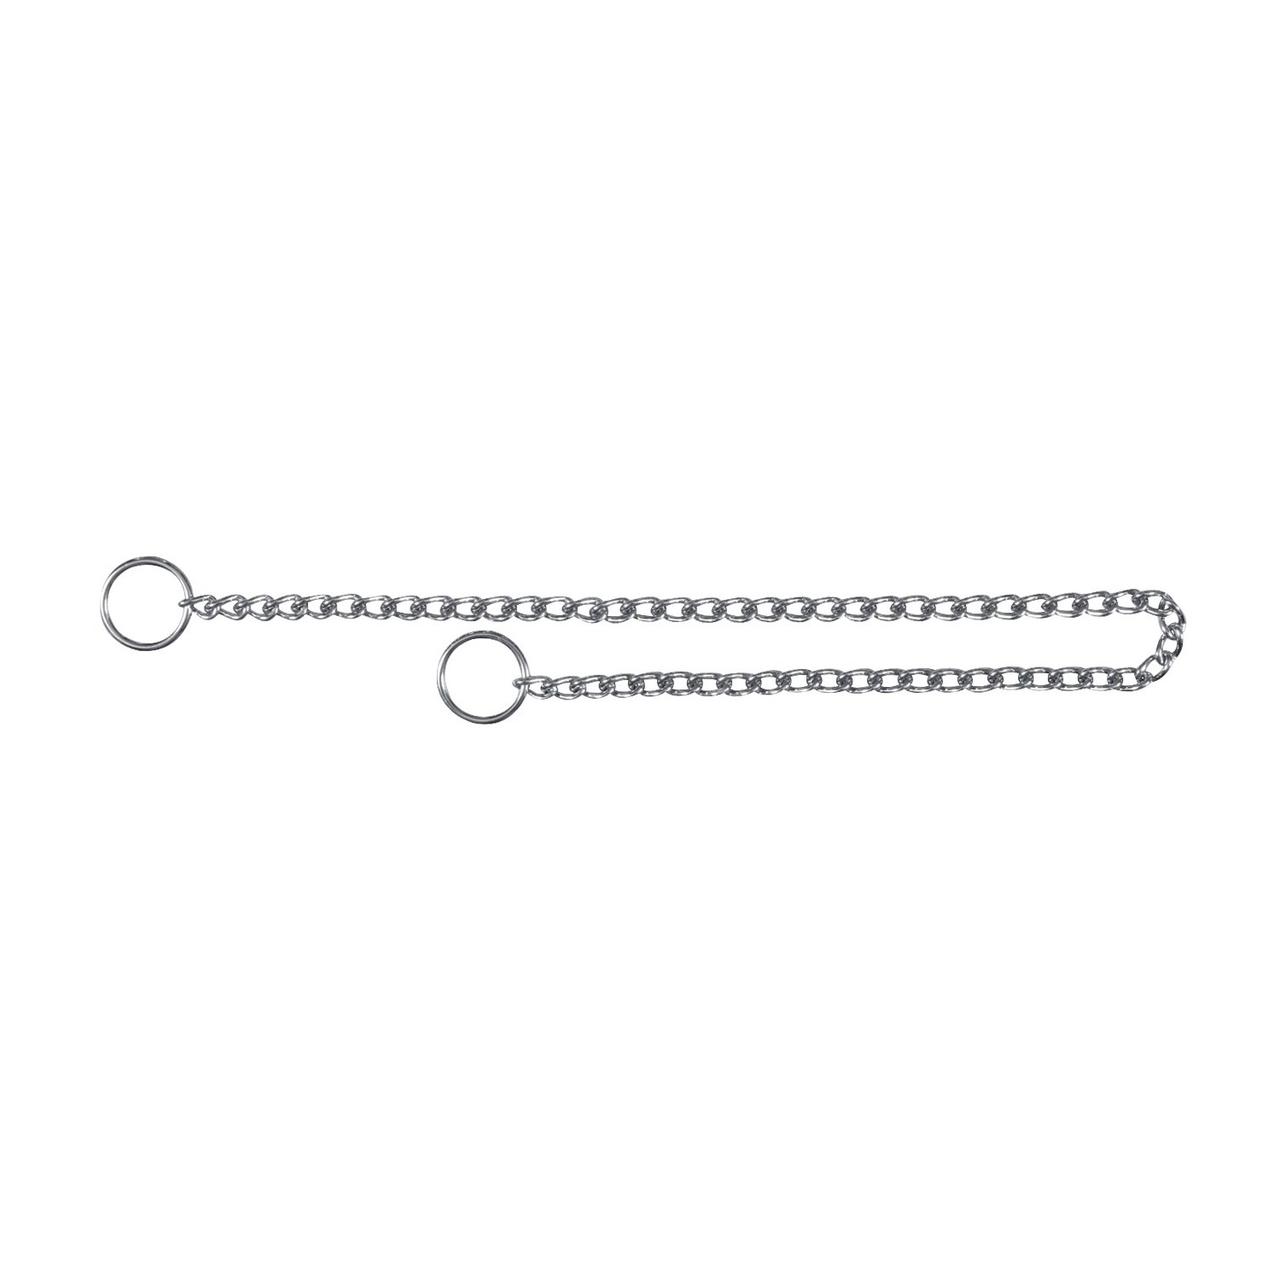 Цепь-удавка Trixie хромированная 60 см / 4 мм